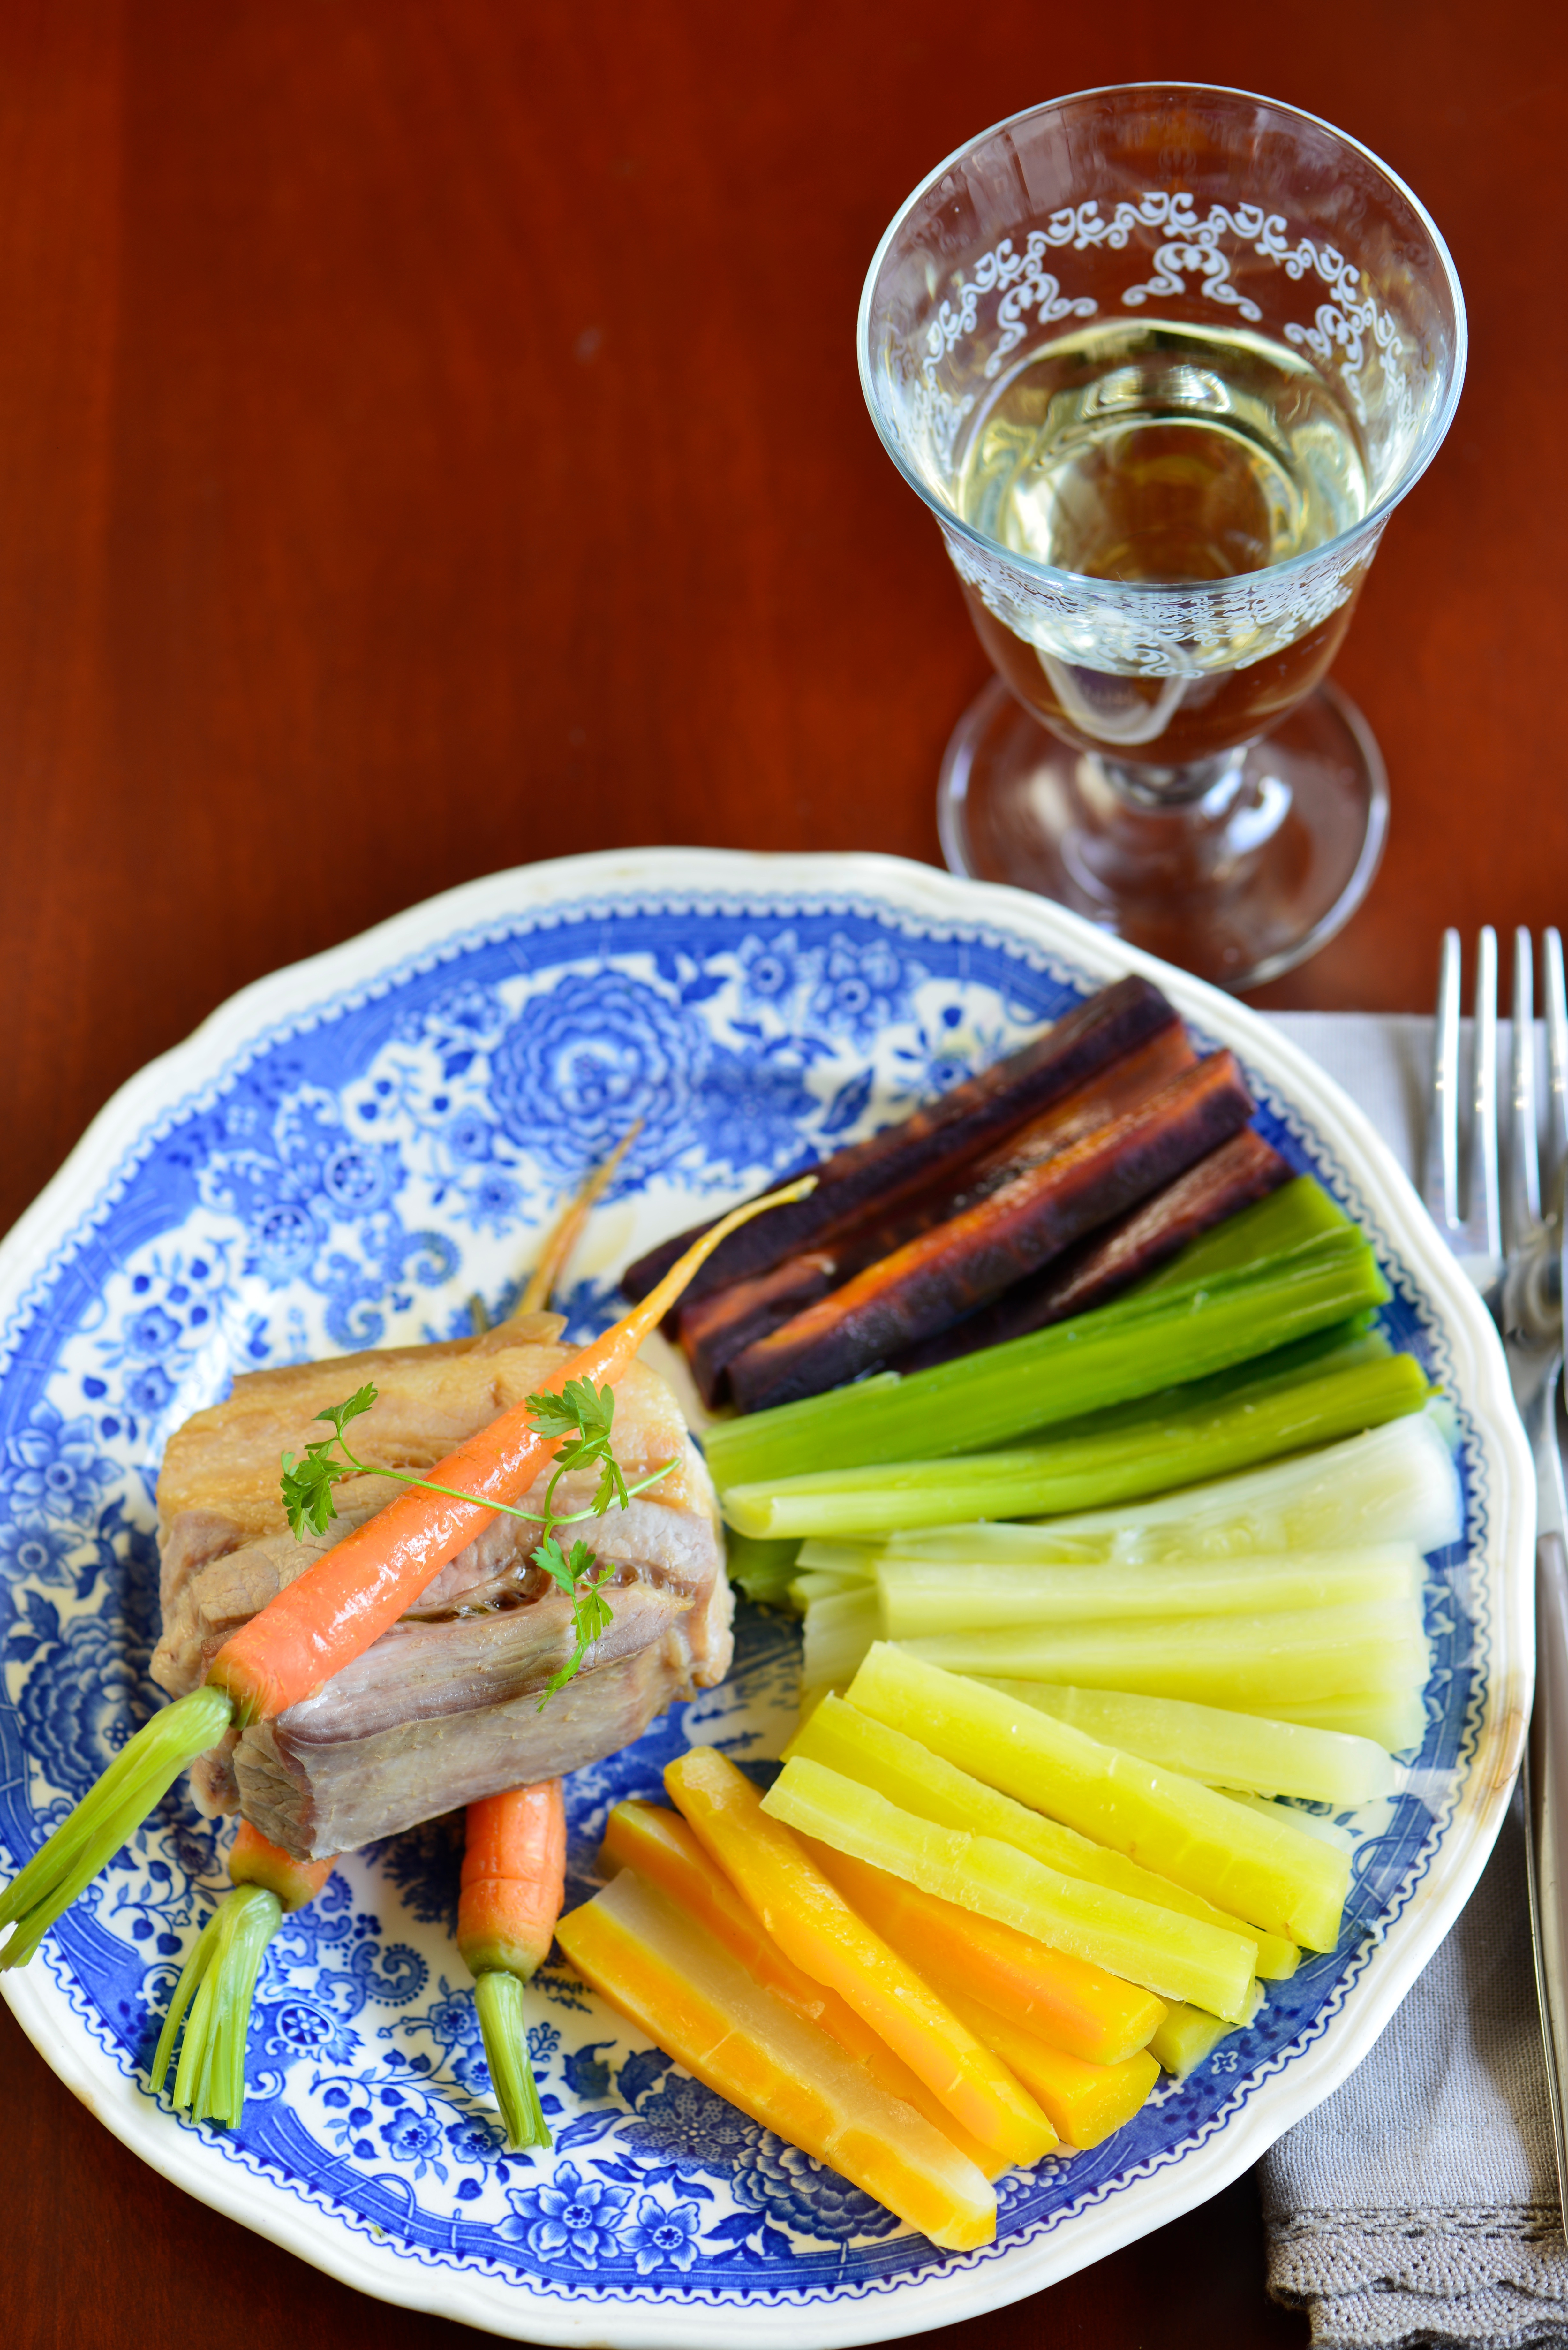 recette de poitrine de cochon ventoux carottes multicolores